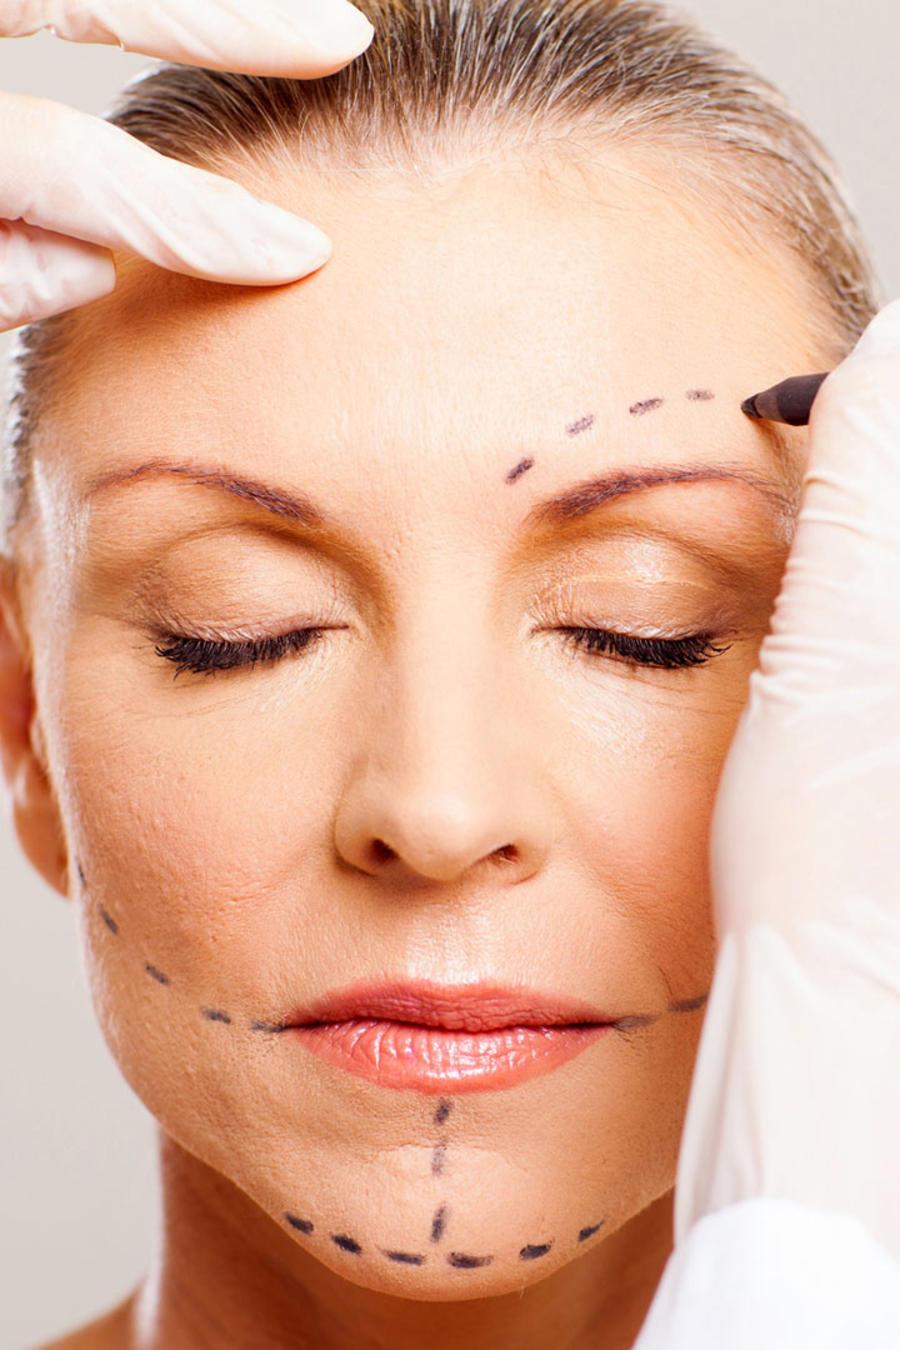 Cirugía plástica en mujer mayor